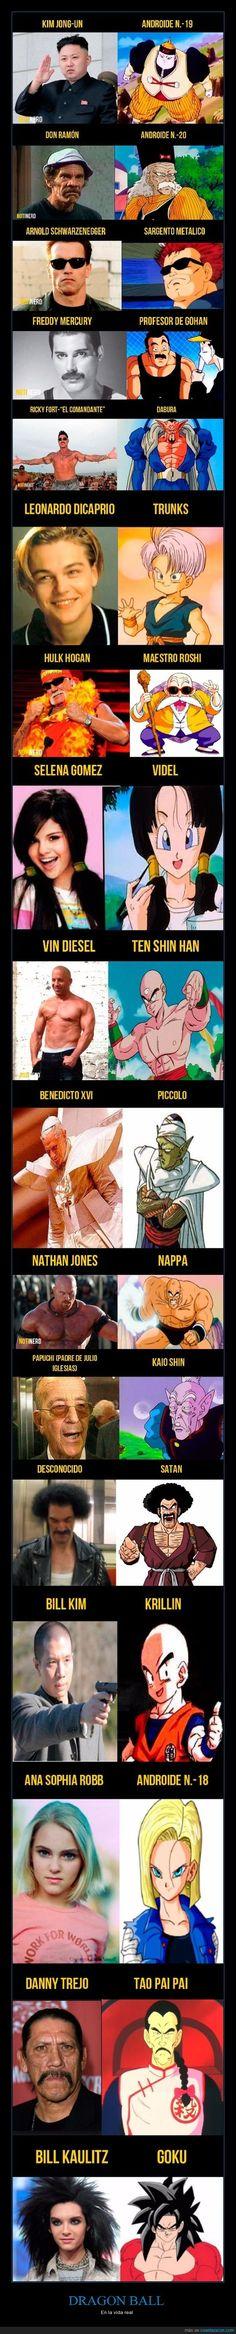 17 Personas de la vida real que se parecen a los personajes de Dragon Ball Z - En la vida real